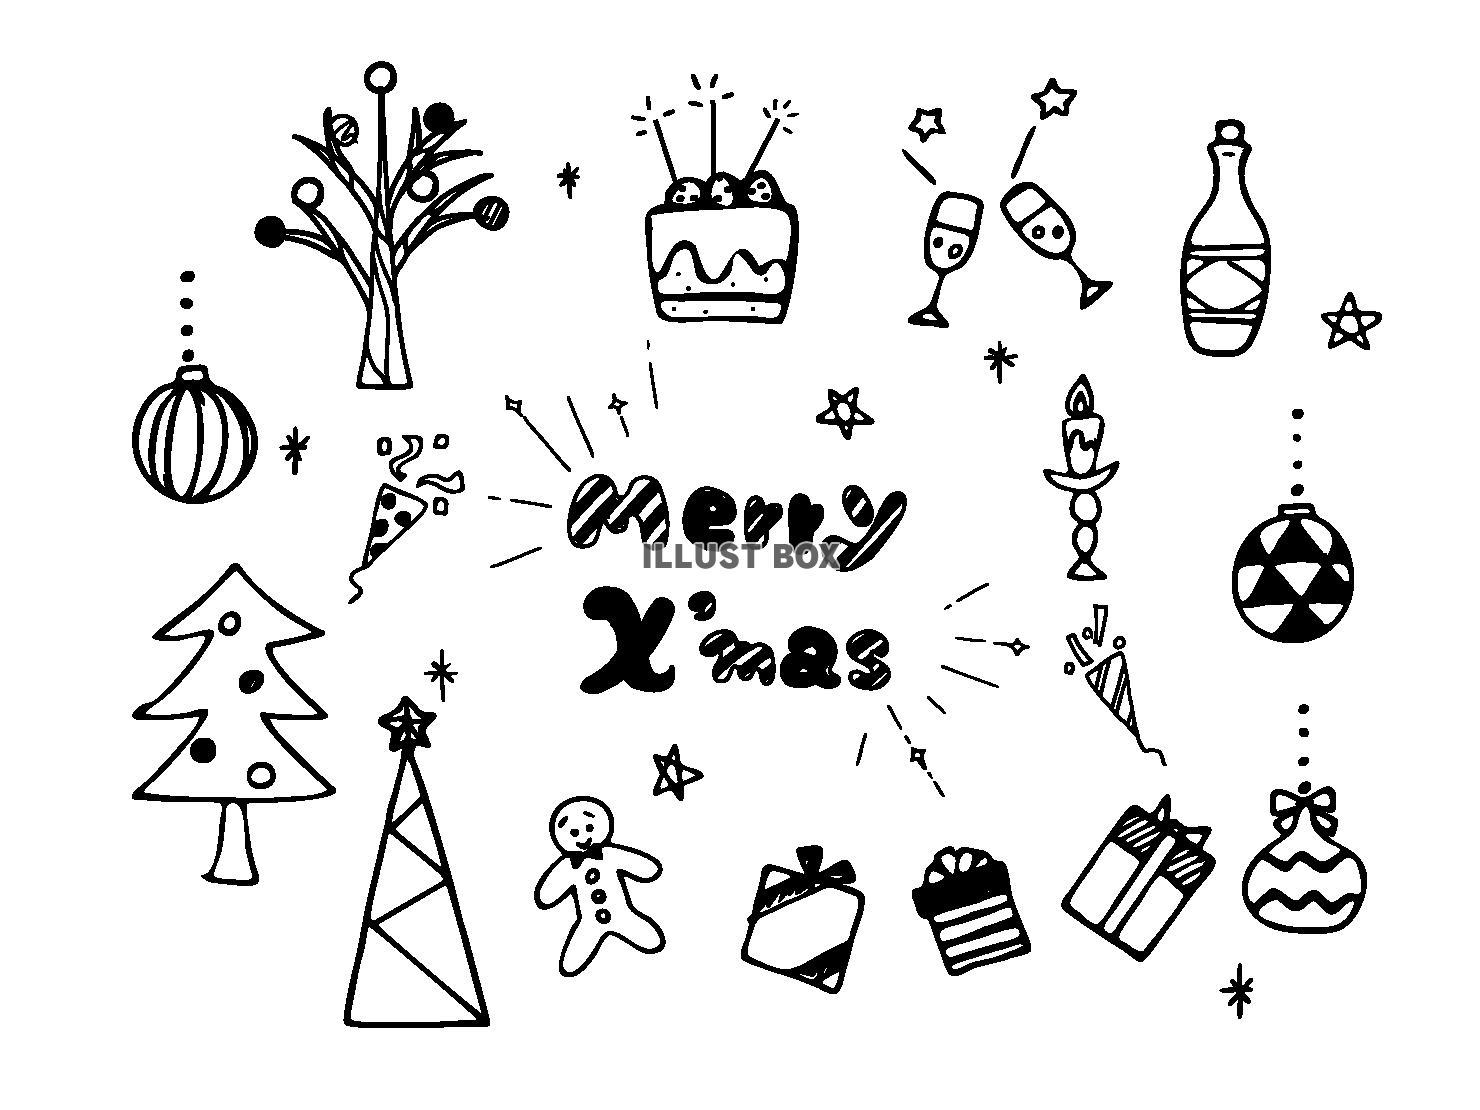 クリスマスカラーのお祝いクラッカーのかわいい手書きイラスト素材 て